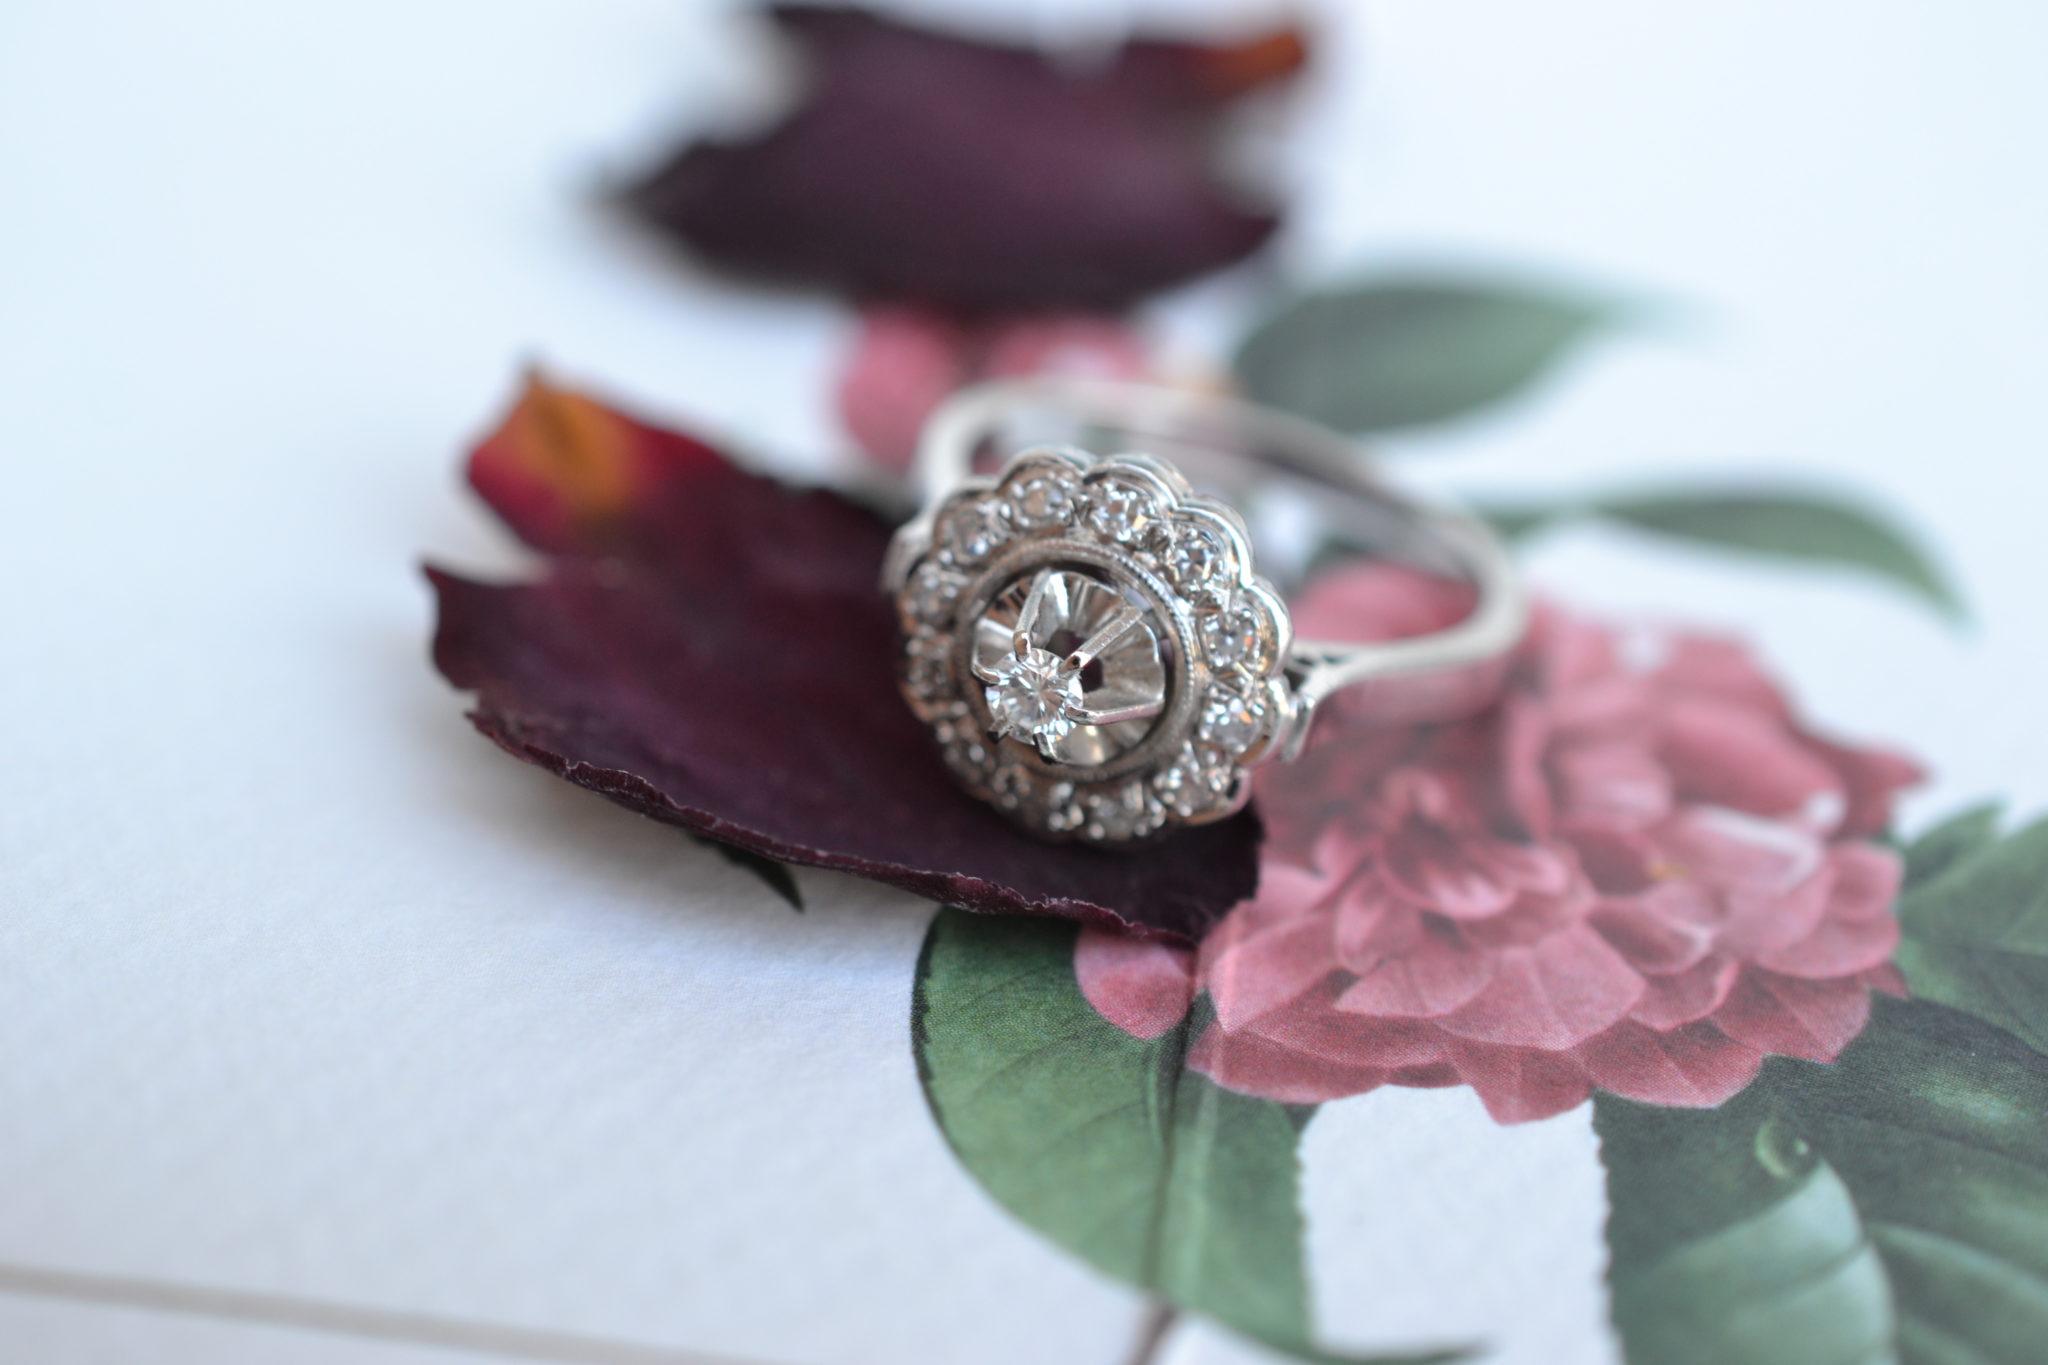 Bague En Or Blanc Sertie D_un Diamant Central Entouré De 12 Diamants Sur Une Monture Circulaire - Bijou Ancien